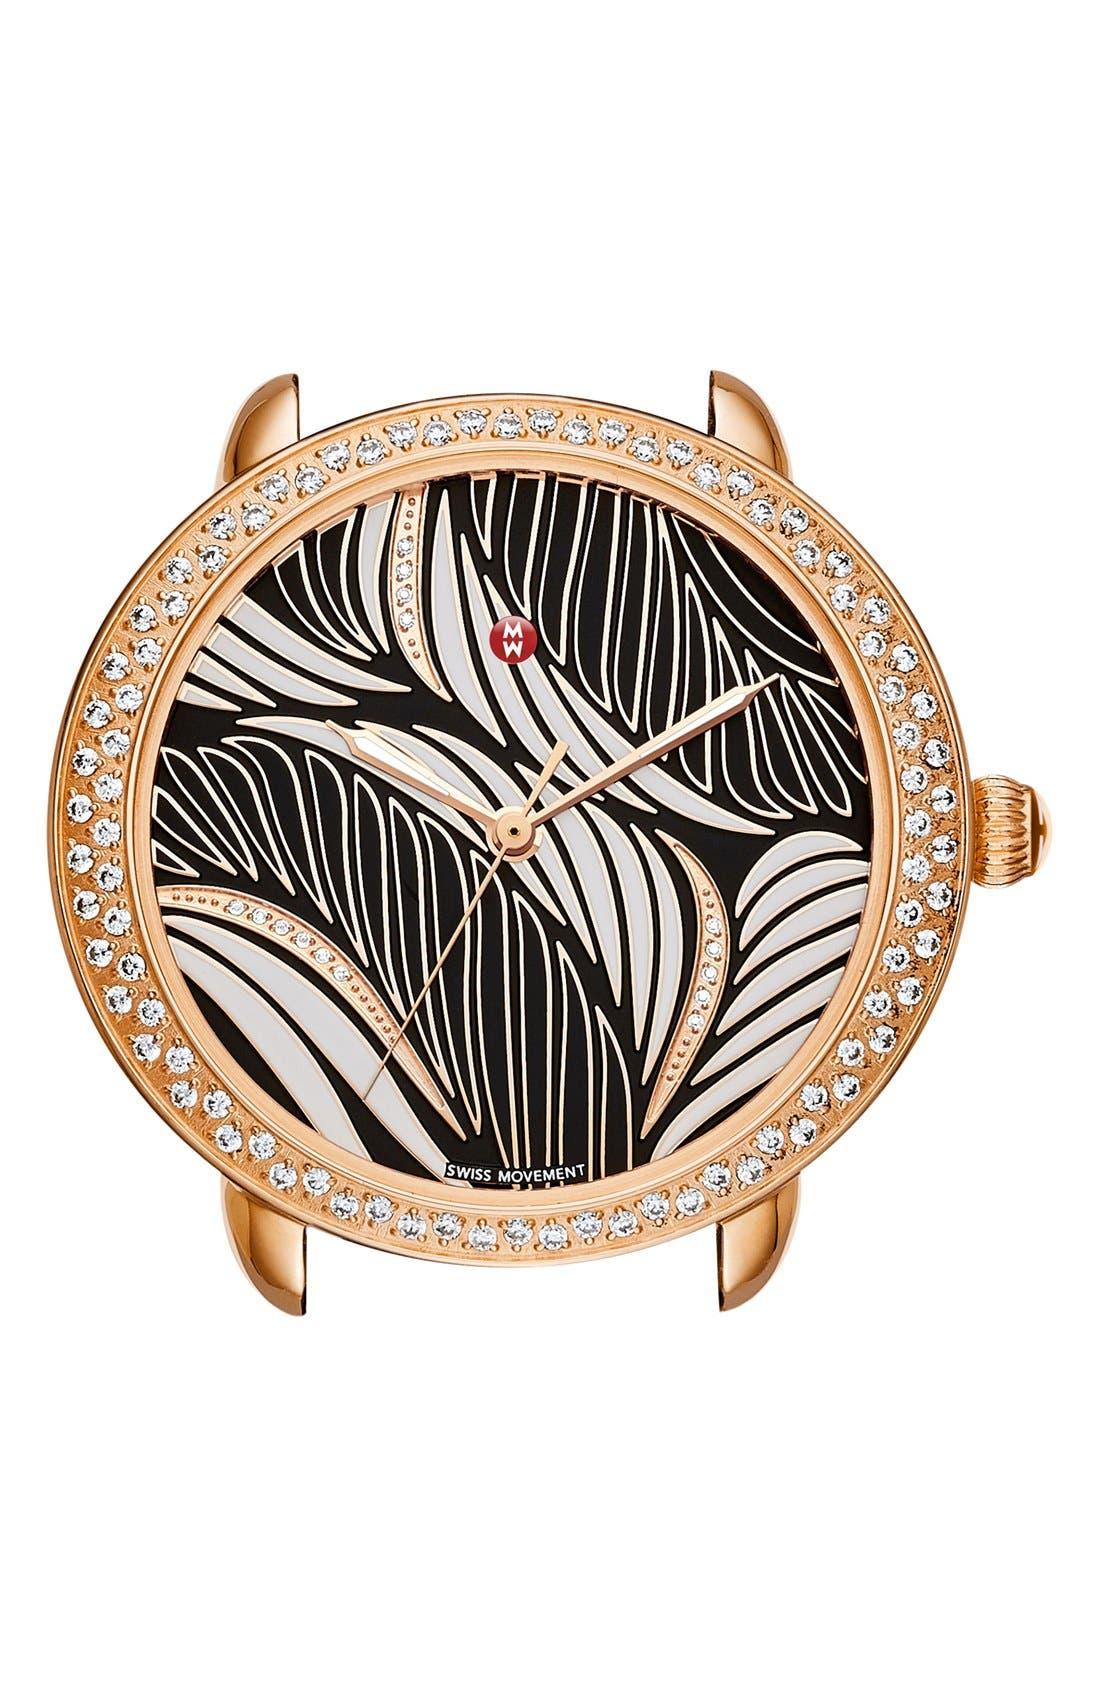 MICHELE Serein 16 Diamond Watch Case, 34mm x